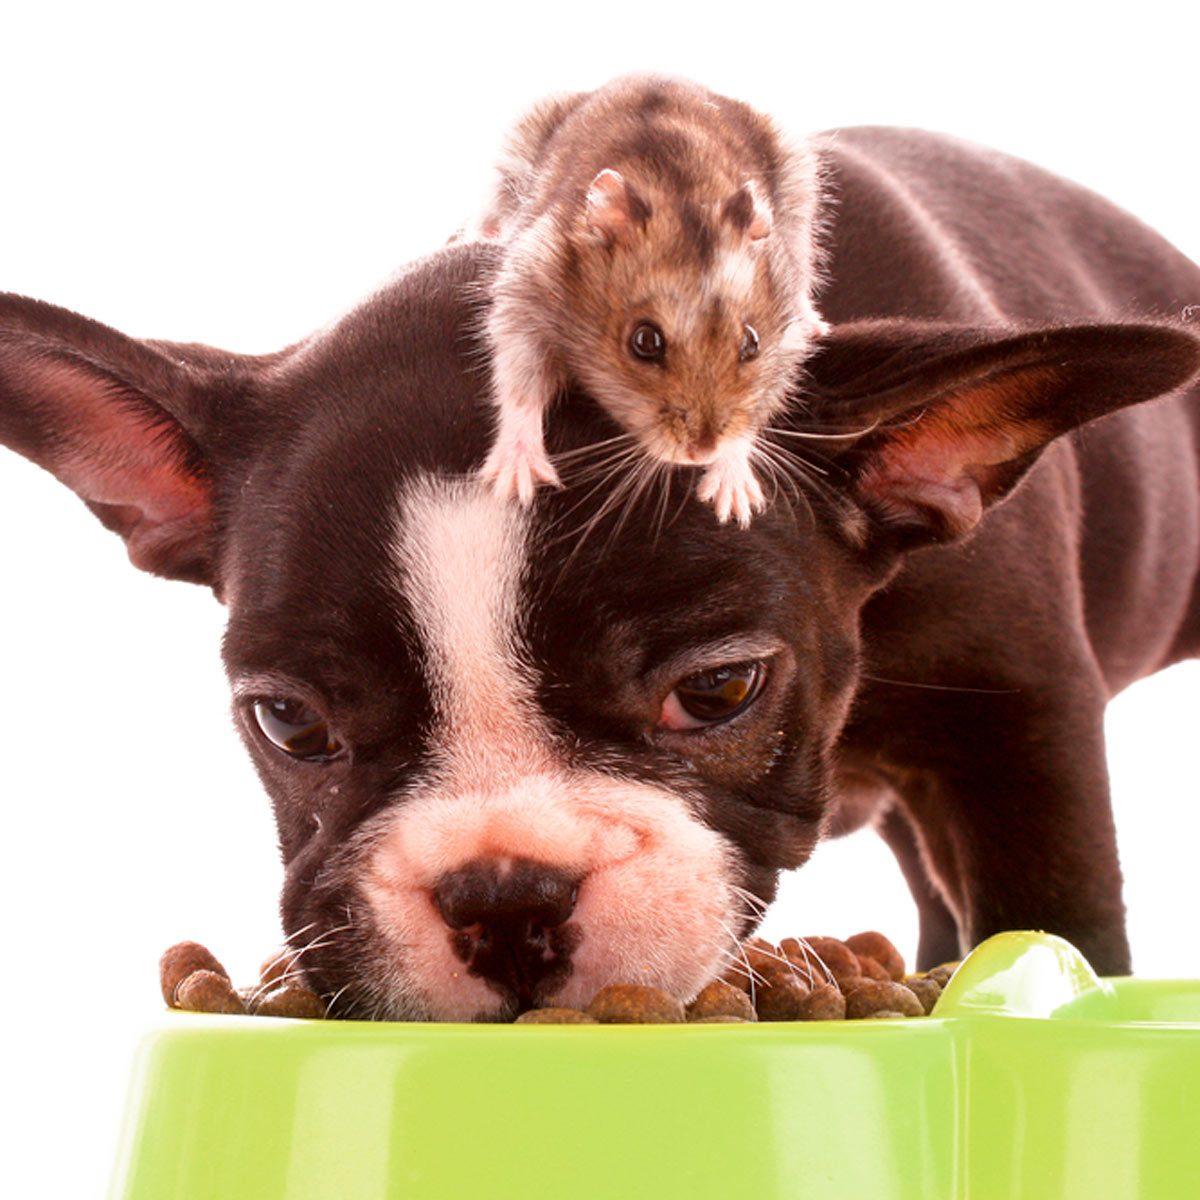 shutterstock_60905122-Dogs